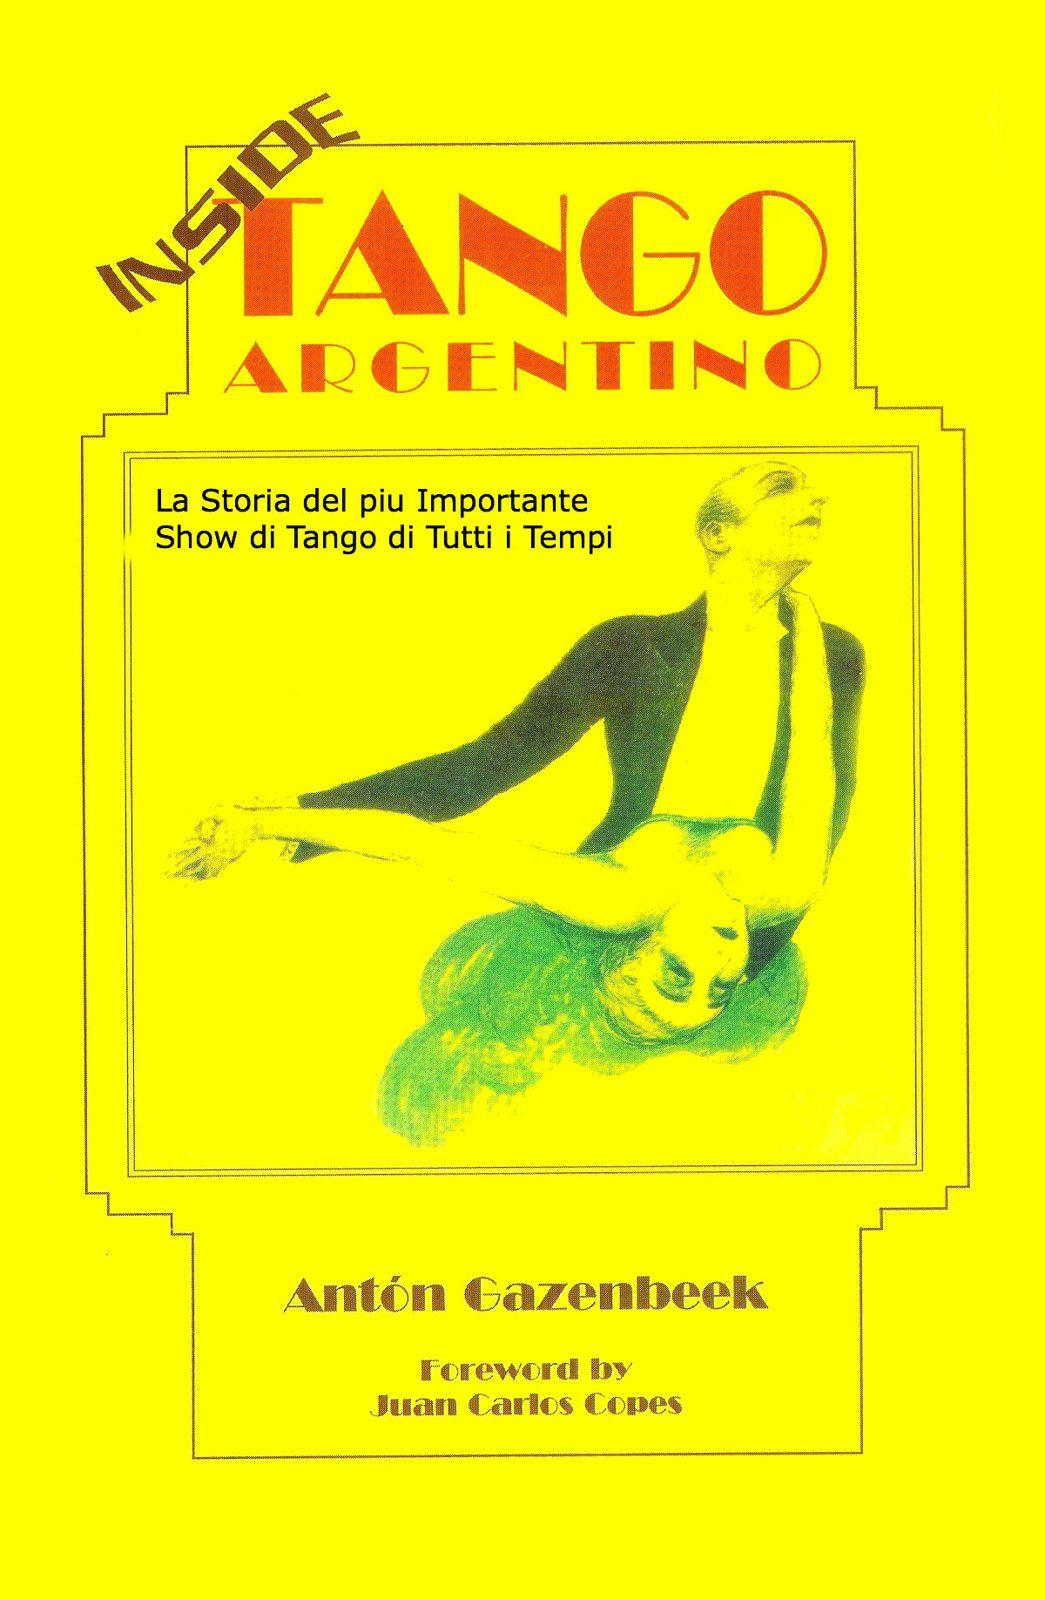 Dentro Tango Argentino - Kindle Mobi